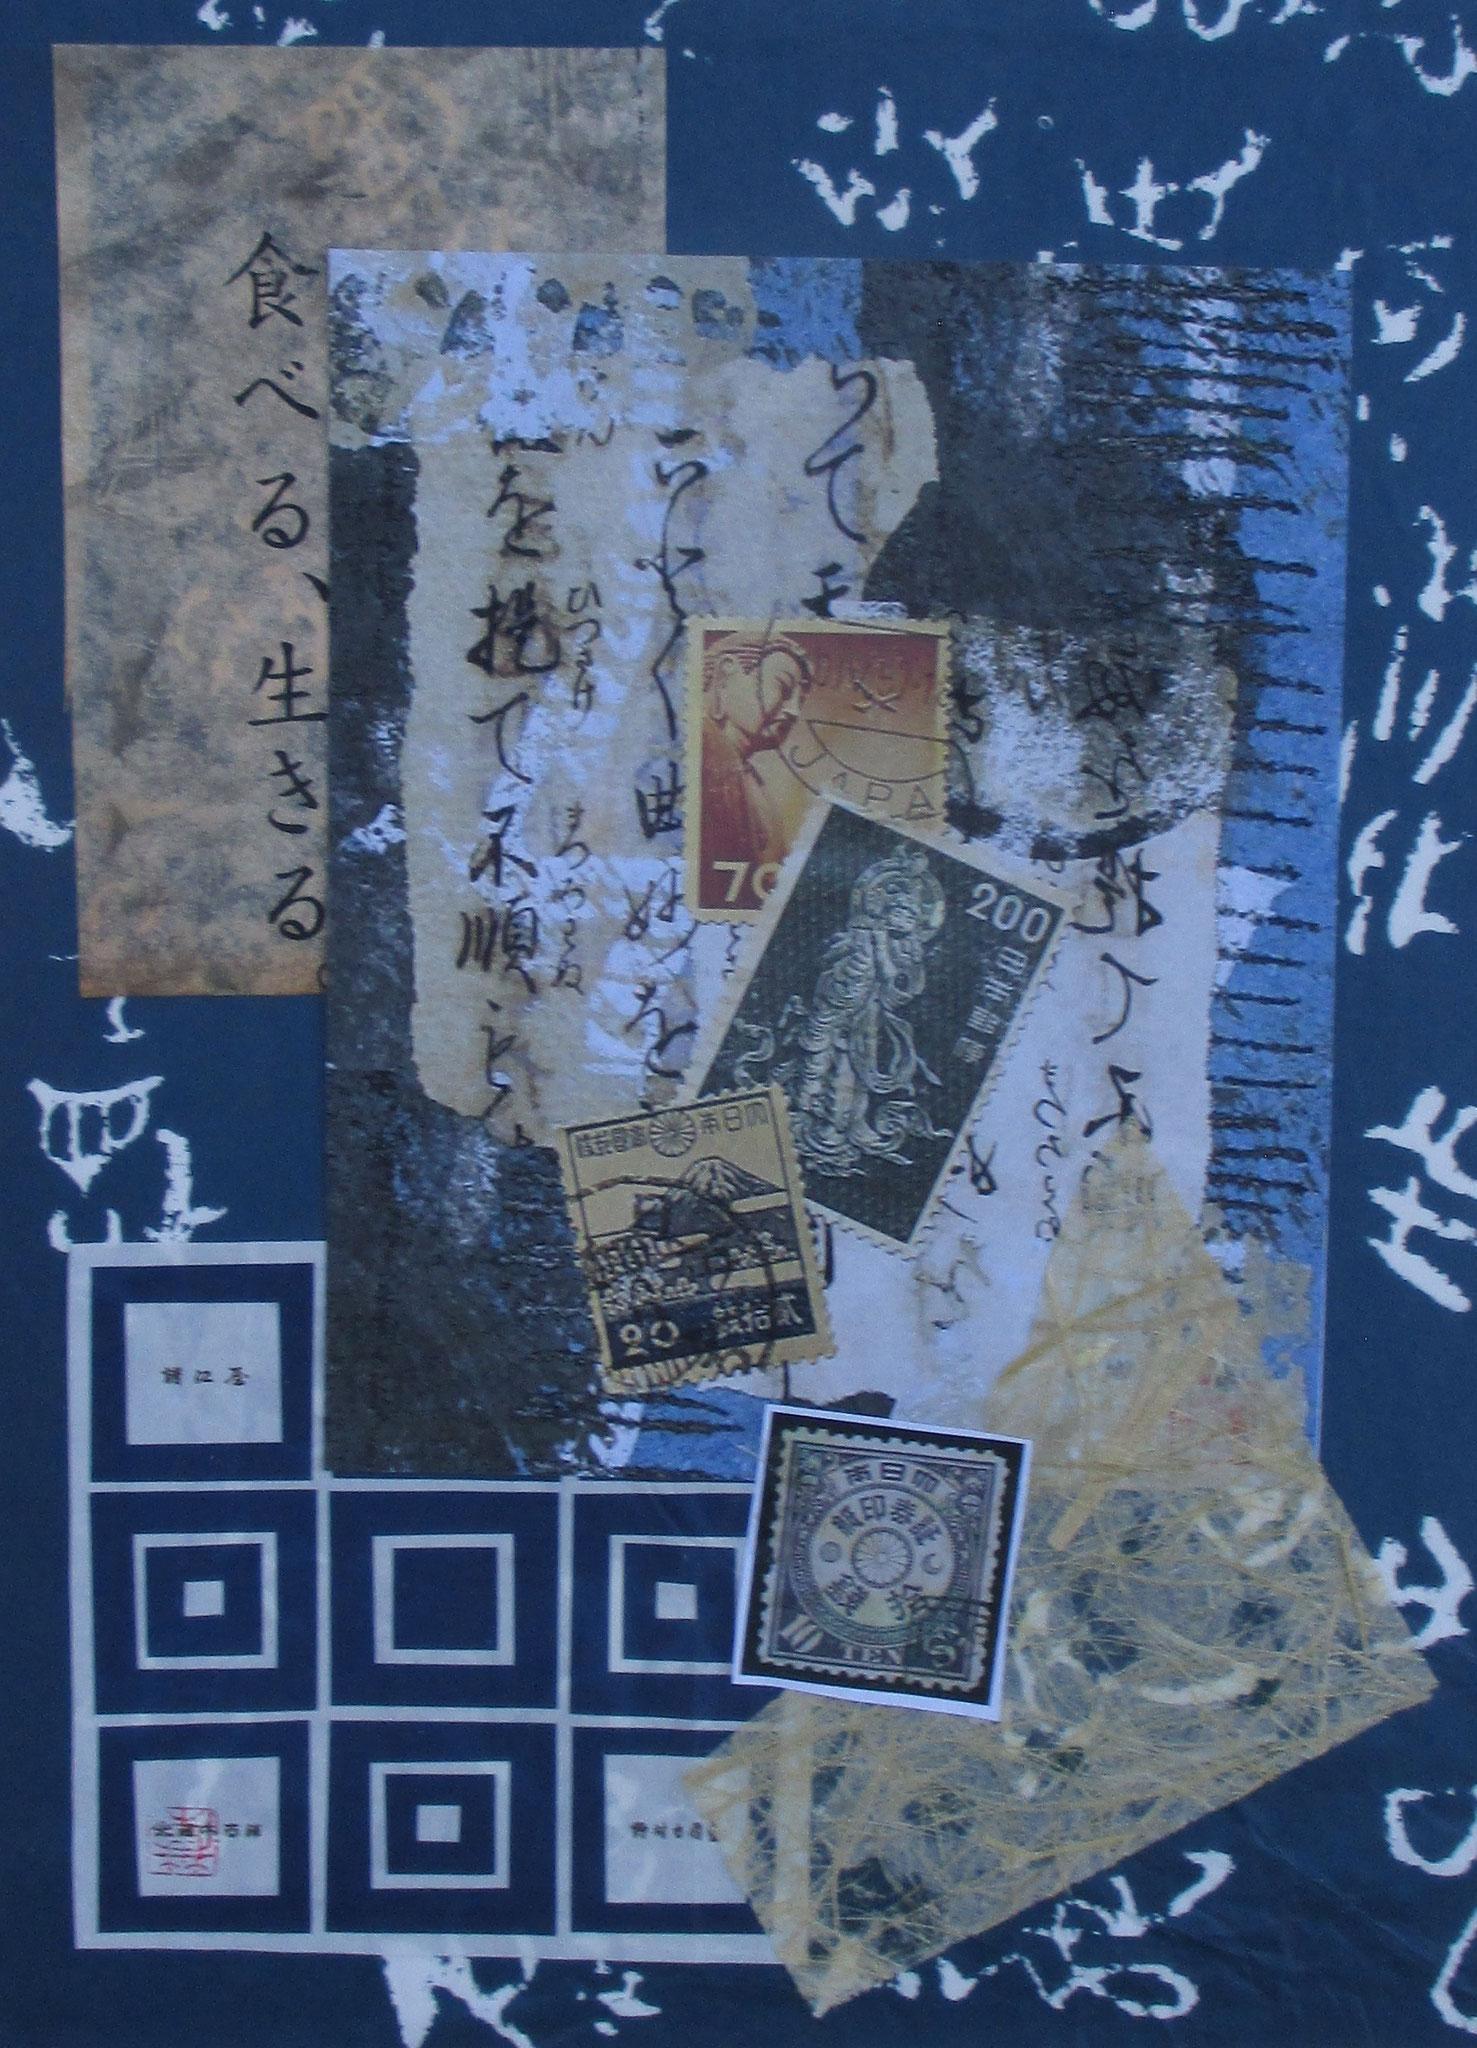 Enlightenment 啓発 Keihatsu   Collage, watercolor, ink 12 x 16 matted, 2018